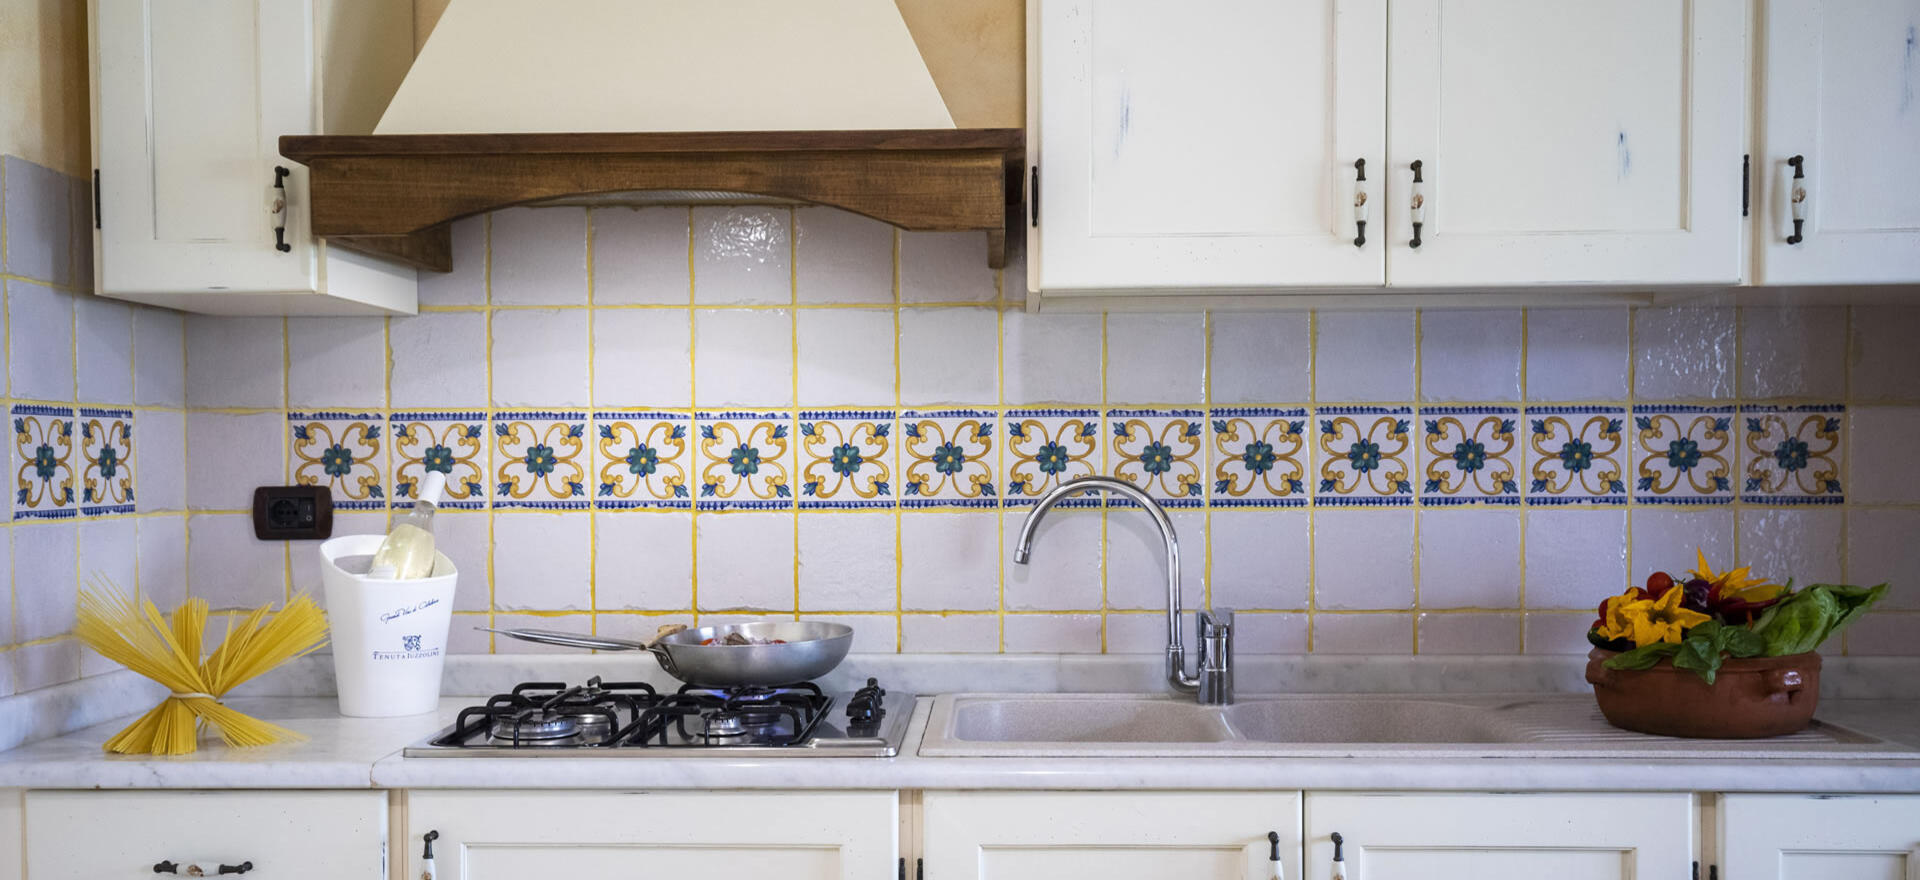 borgodonnacanfora it trilocali-appartamenti 001